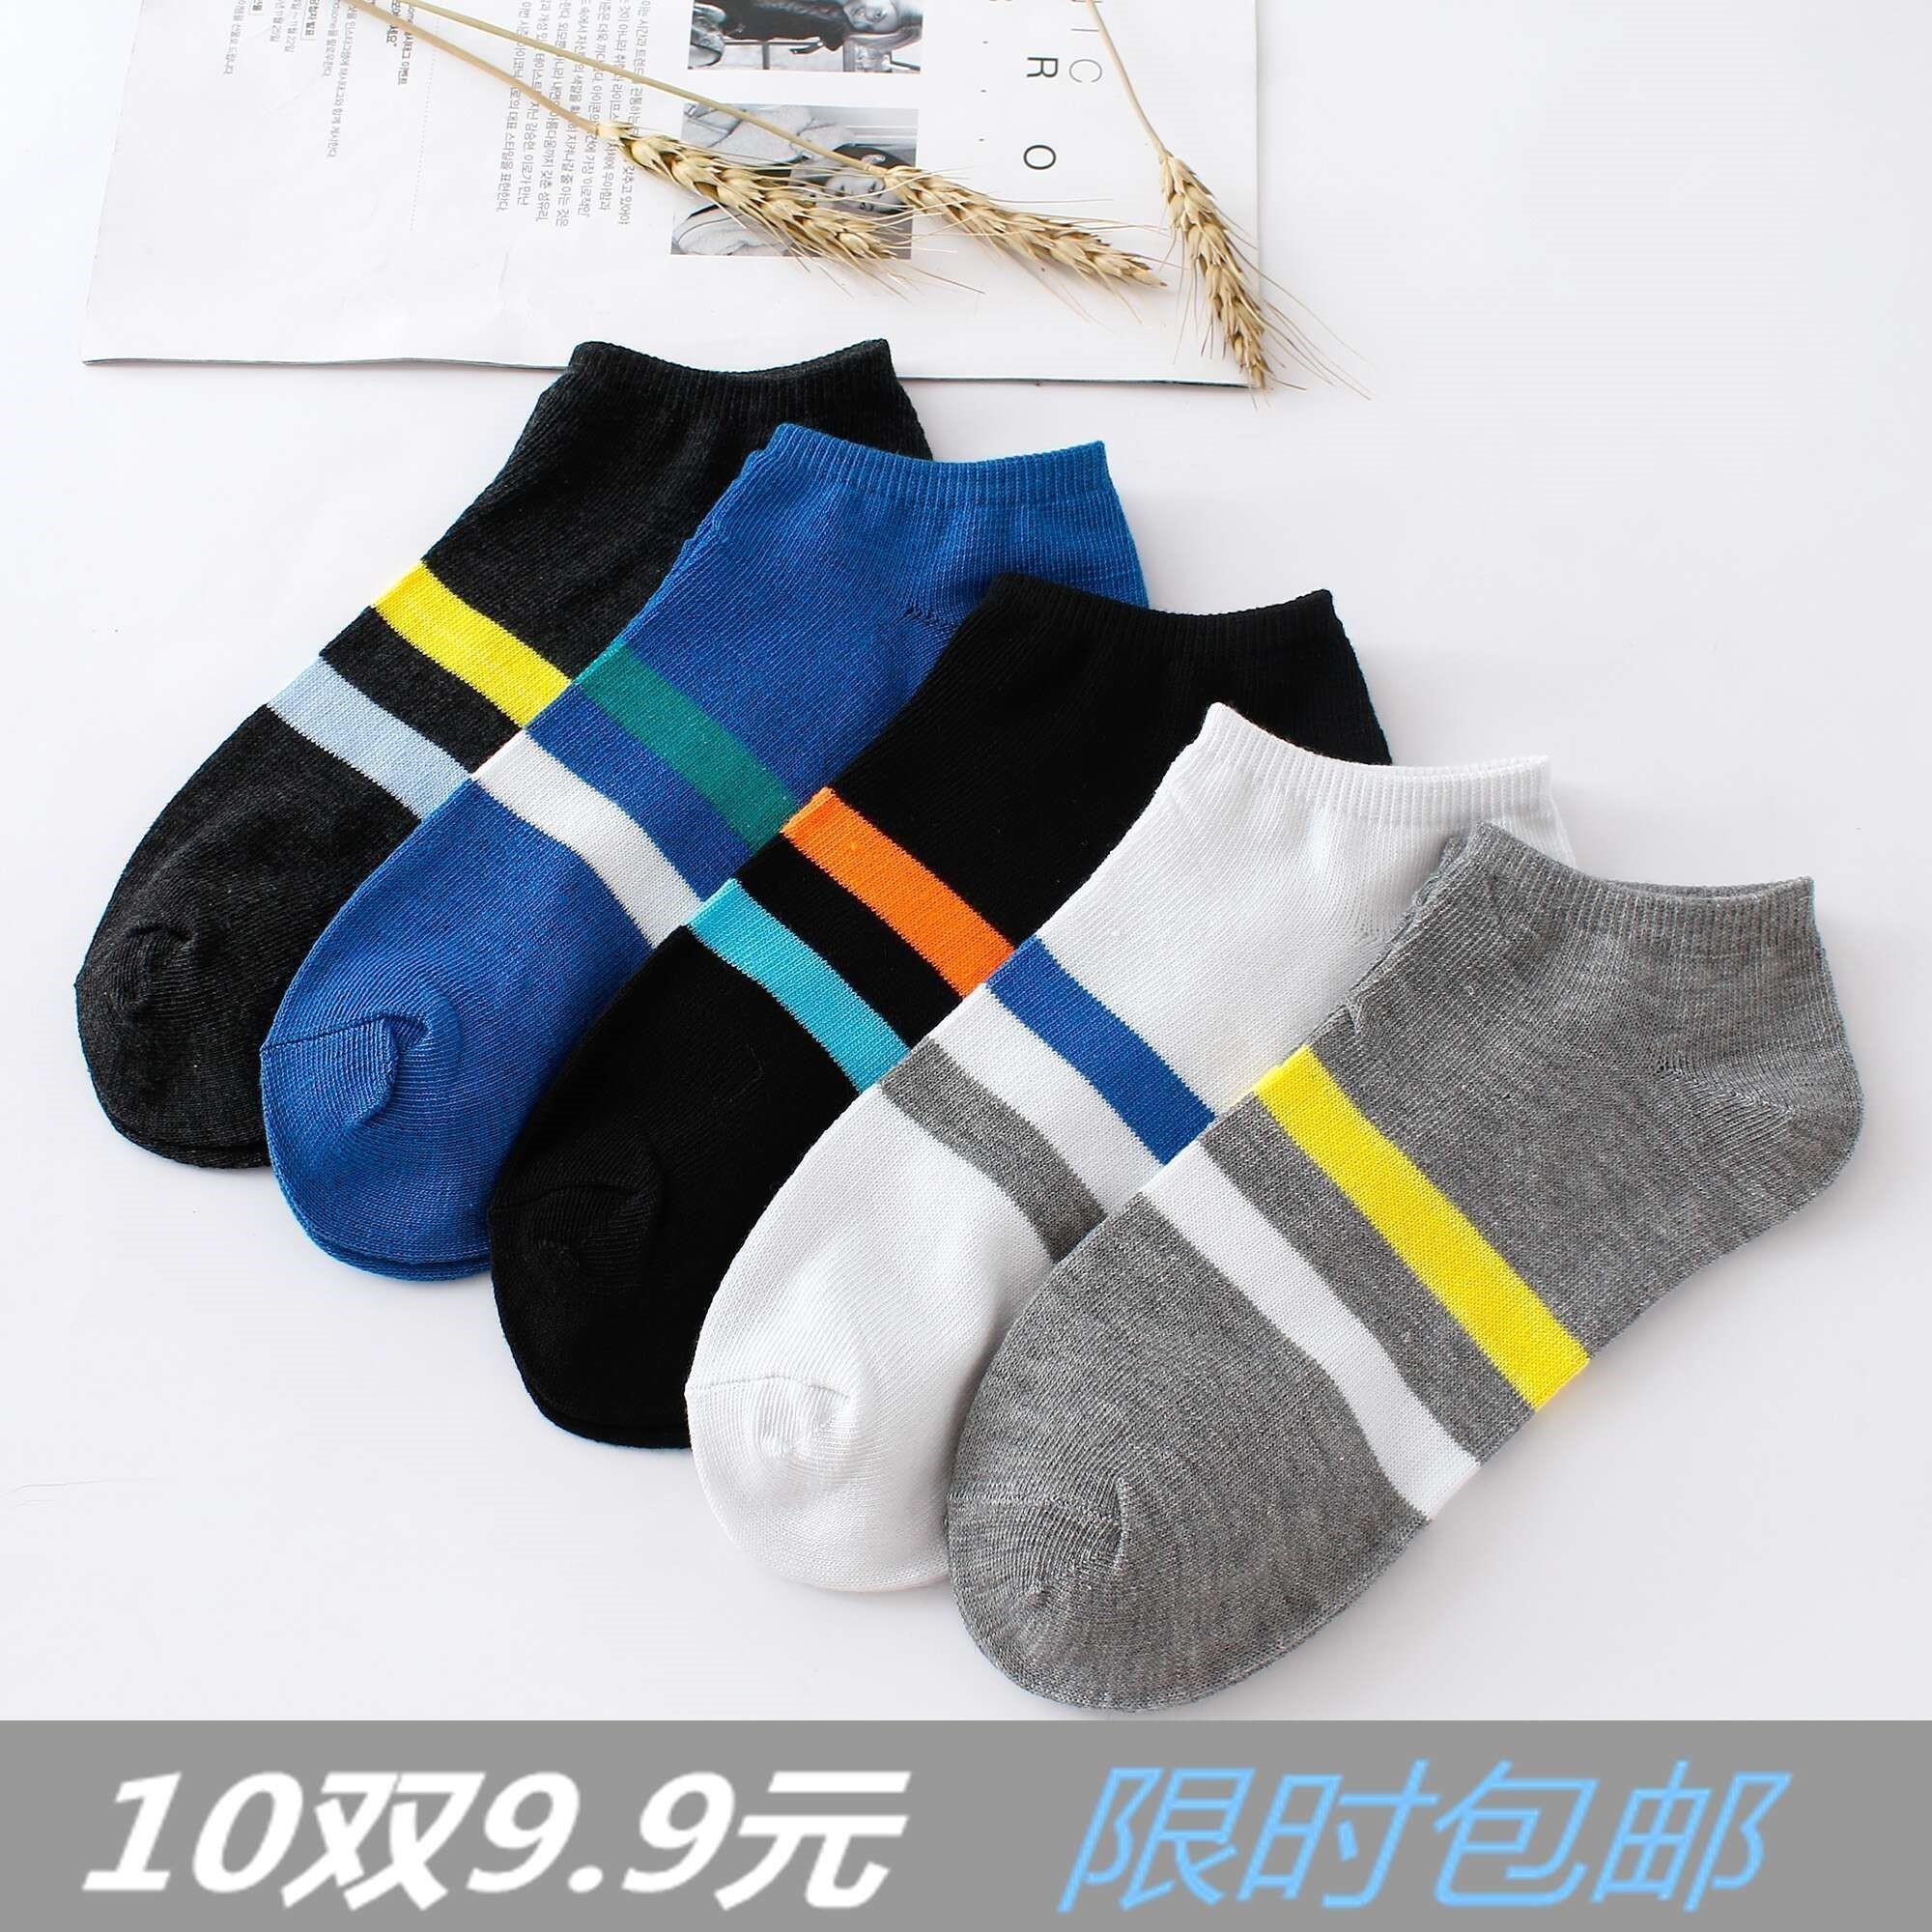 男士短祙潮流一次性网红包邮便宜百搭款袜子浅口韩国可爱10双街头